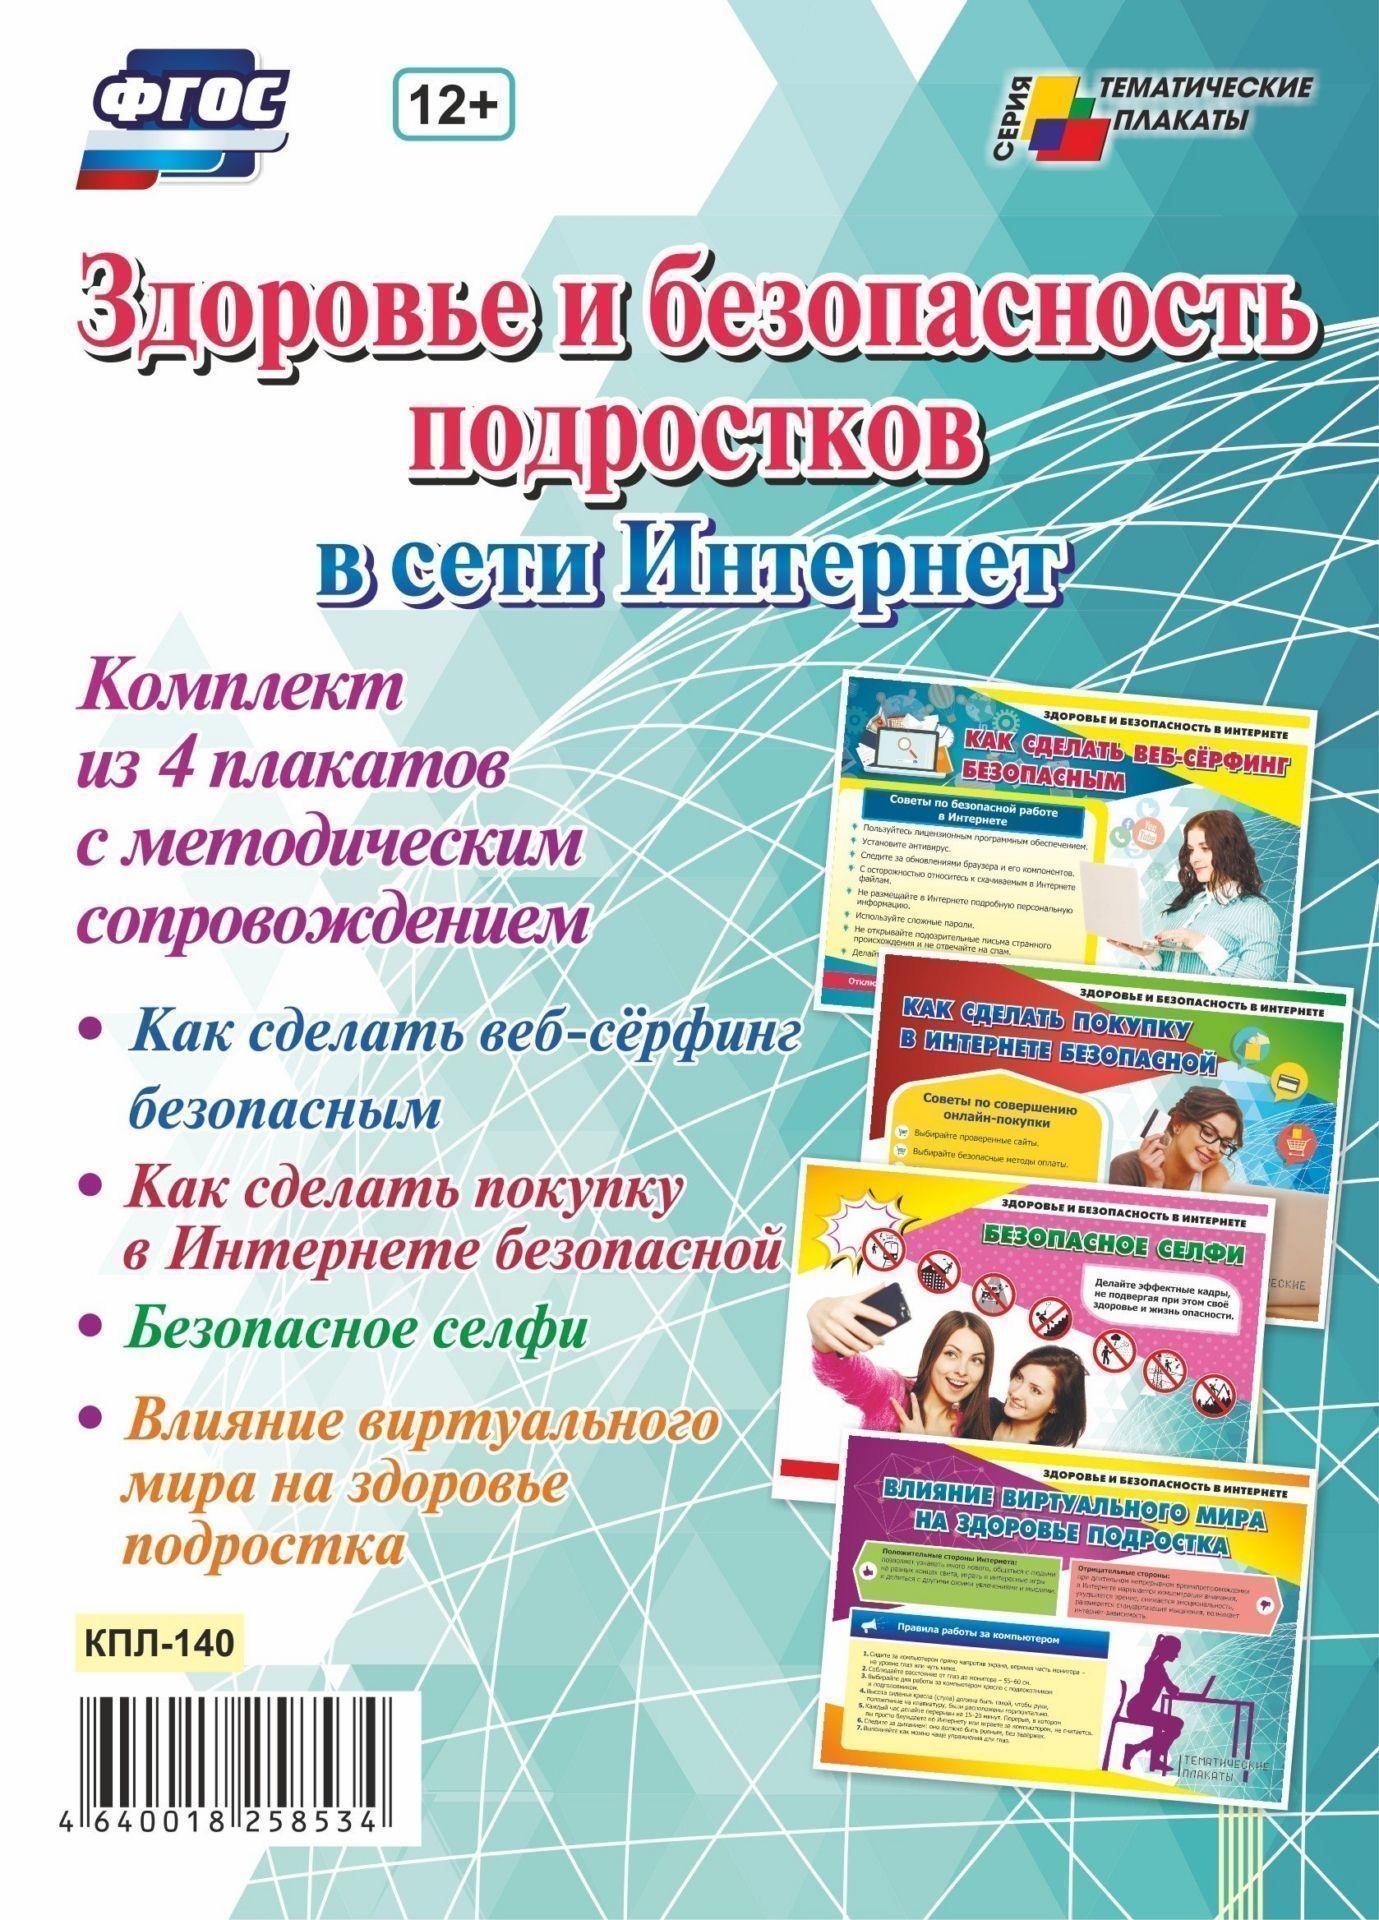 Комплект плакатов Здоровье и безопасность подростков в сети ИнтернетТематические плакаты<br>.<br><br>Год: 2017<br>Серия: Тематические плакаты<br>Высота: 297<br>Ширина: 420